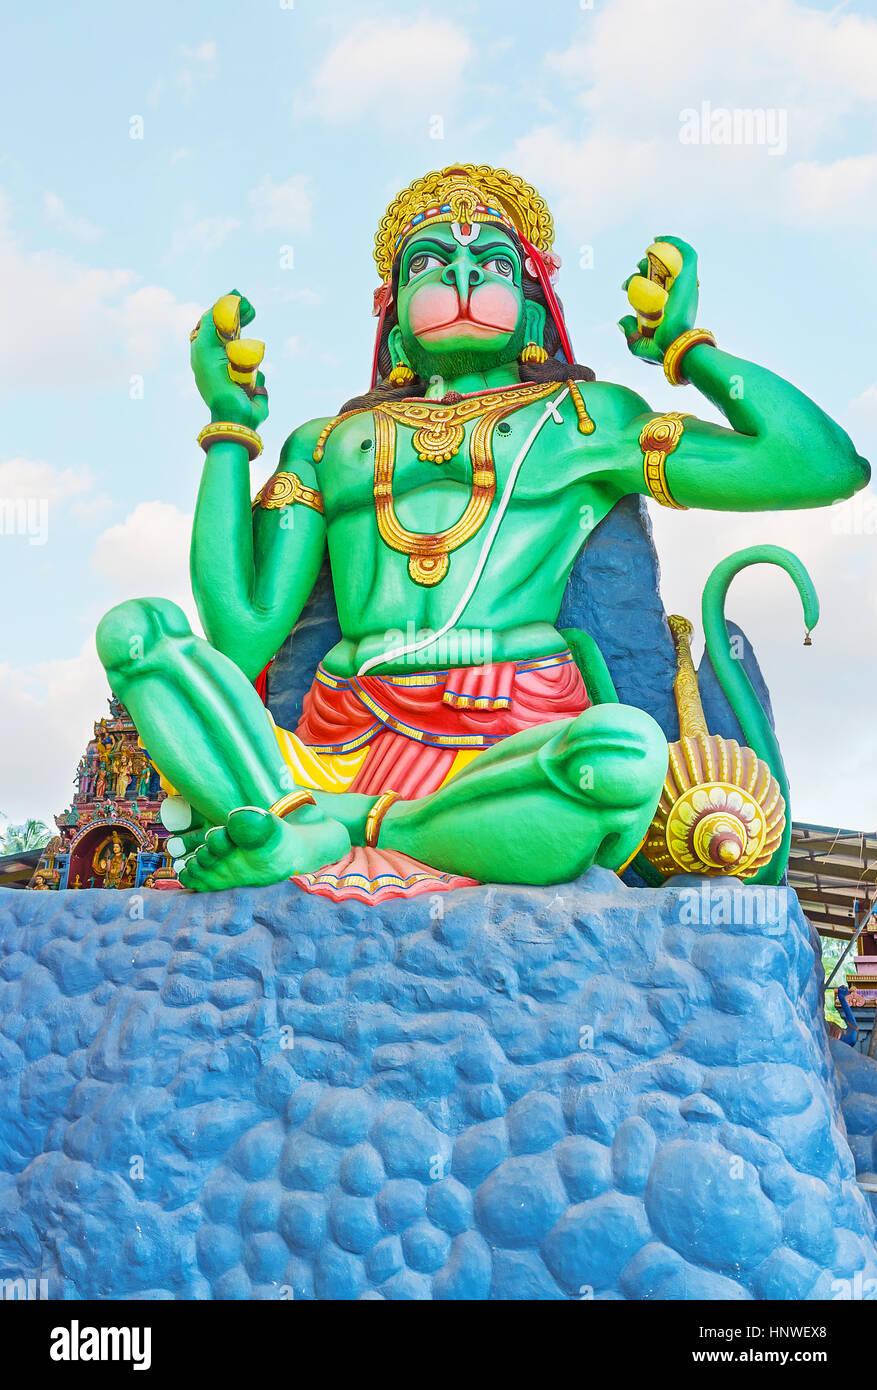 hanuman monkey stock photos u0026 hanuman monkey stock images alamy